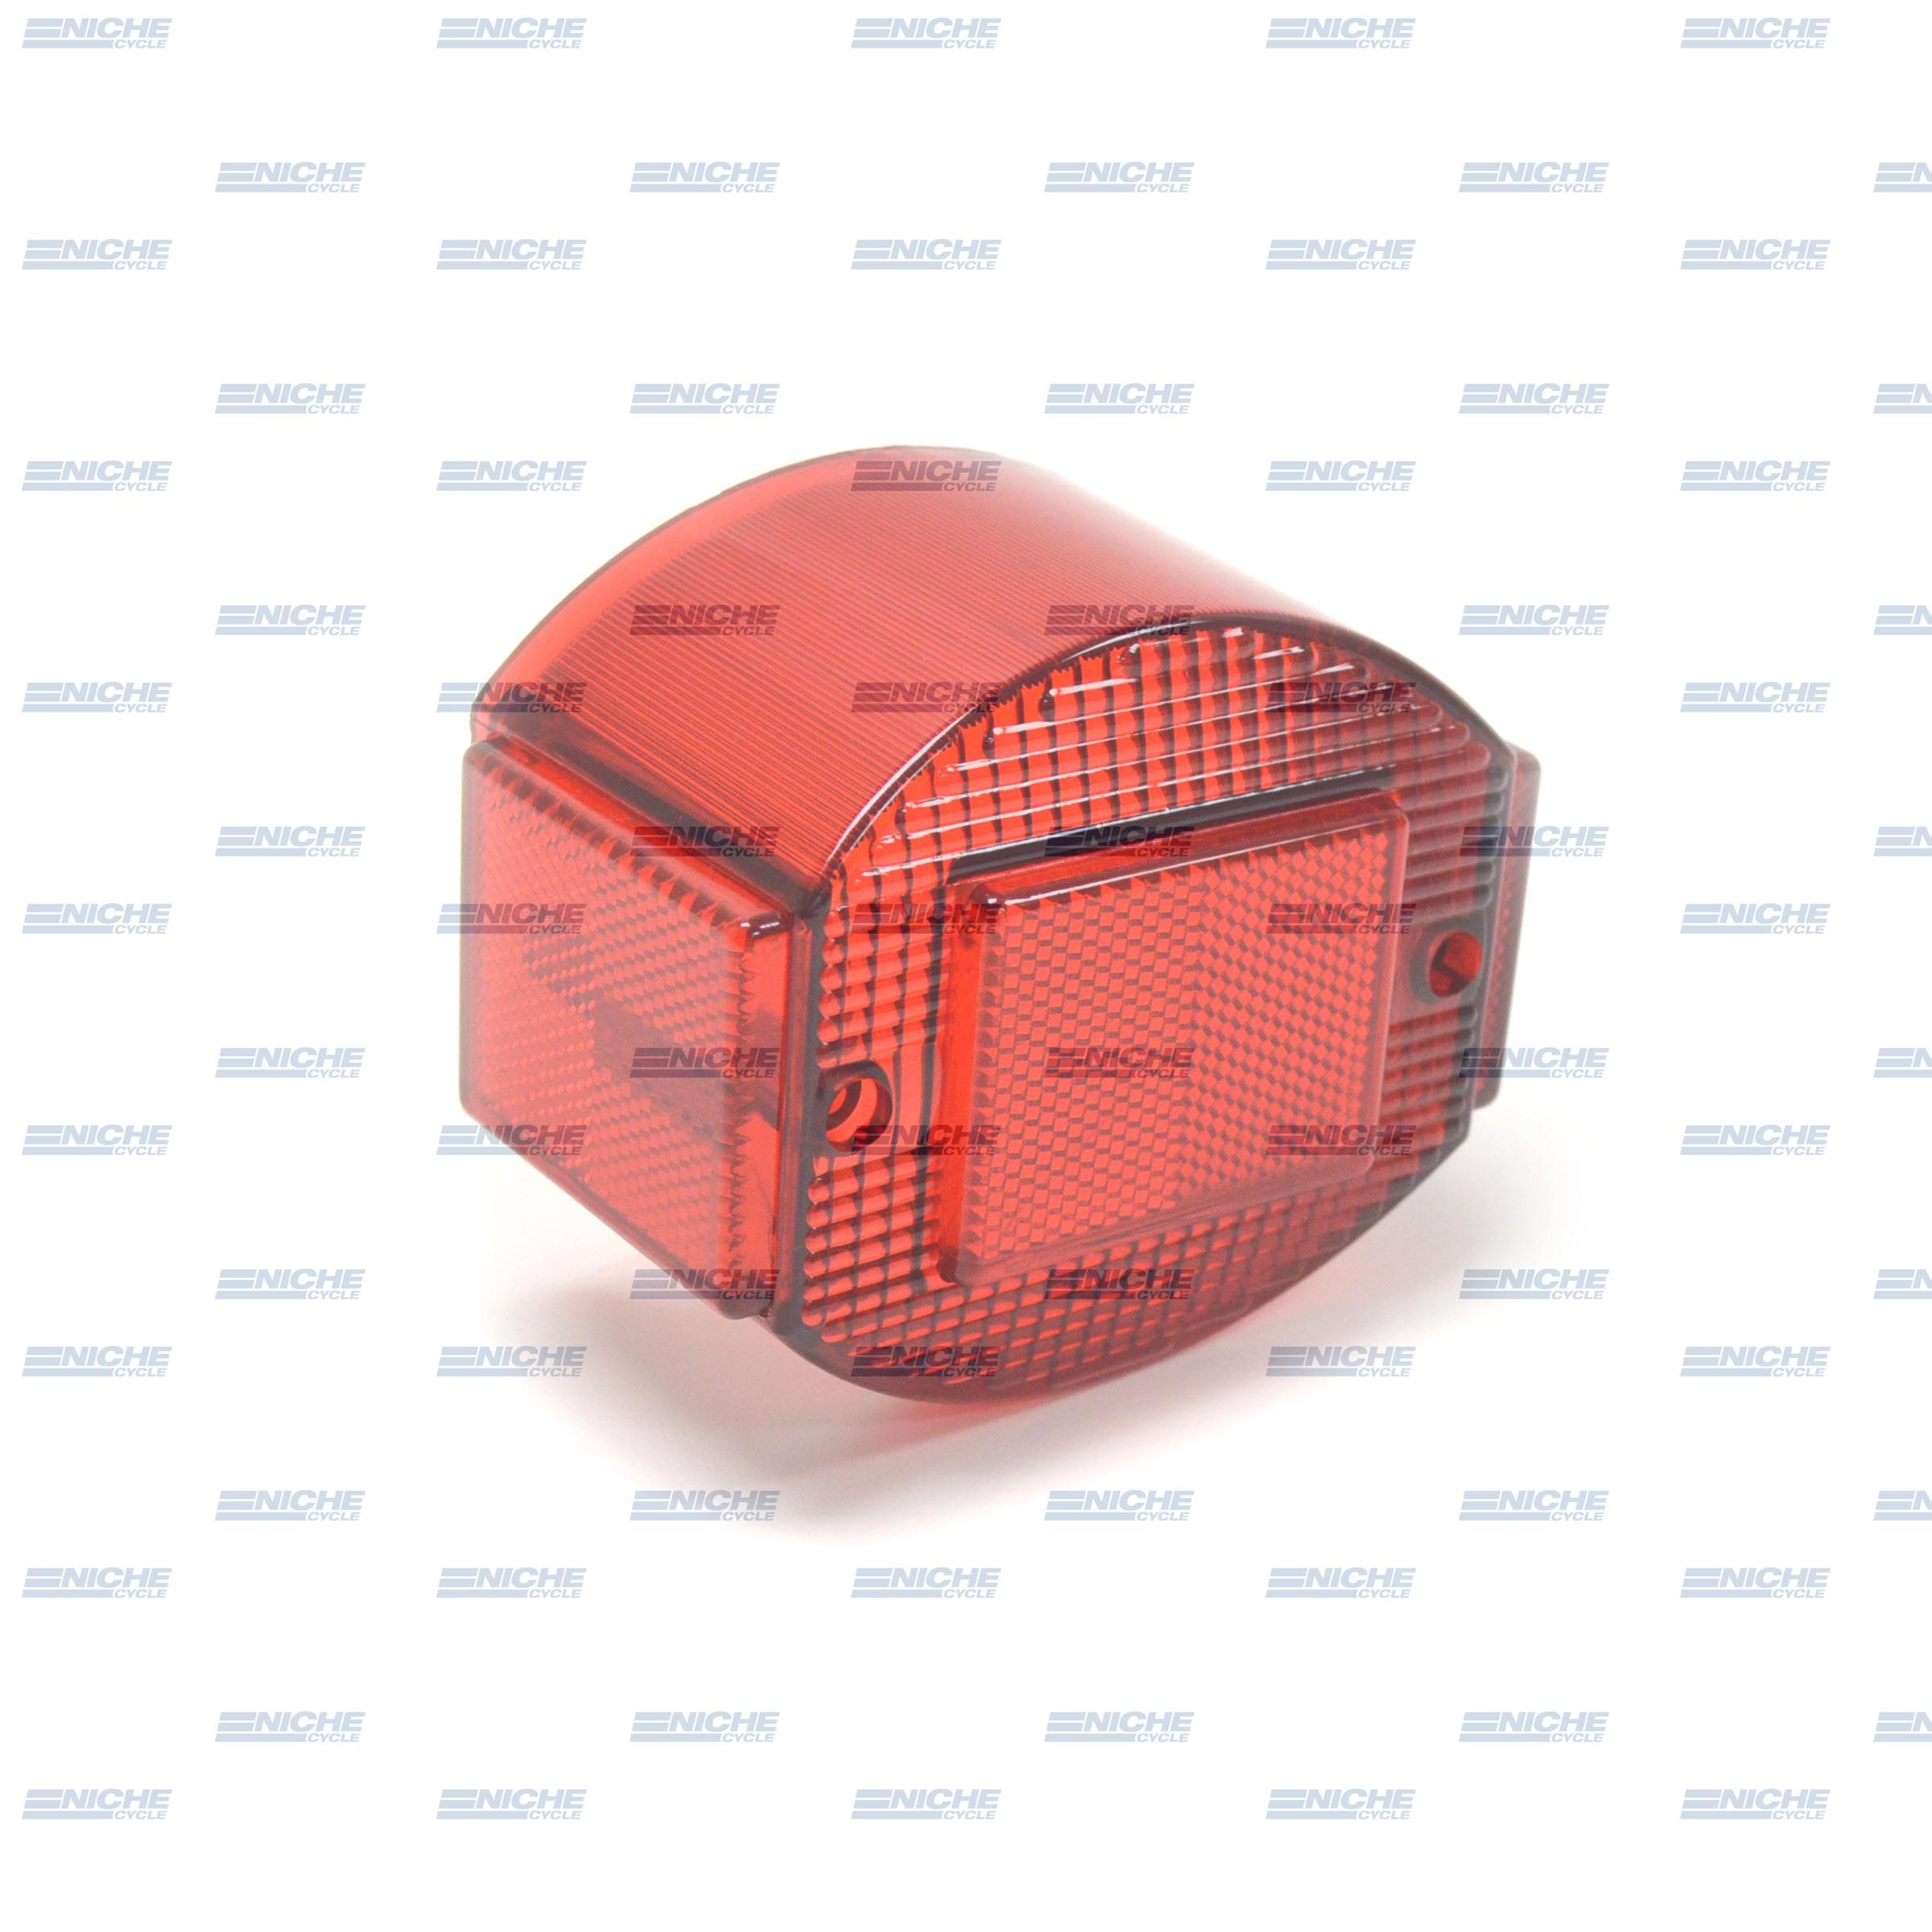 T/LIGHT LENS PIAGGIO 152907 62-21513